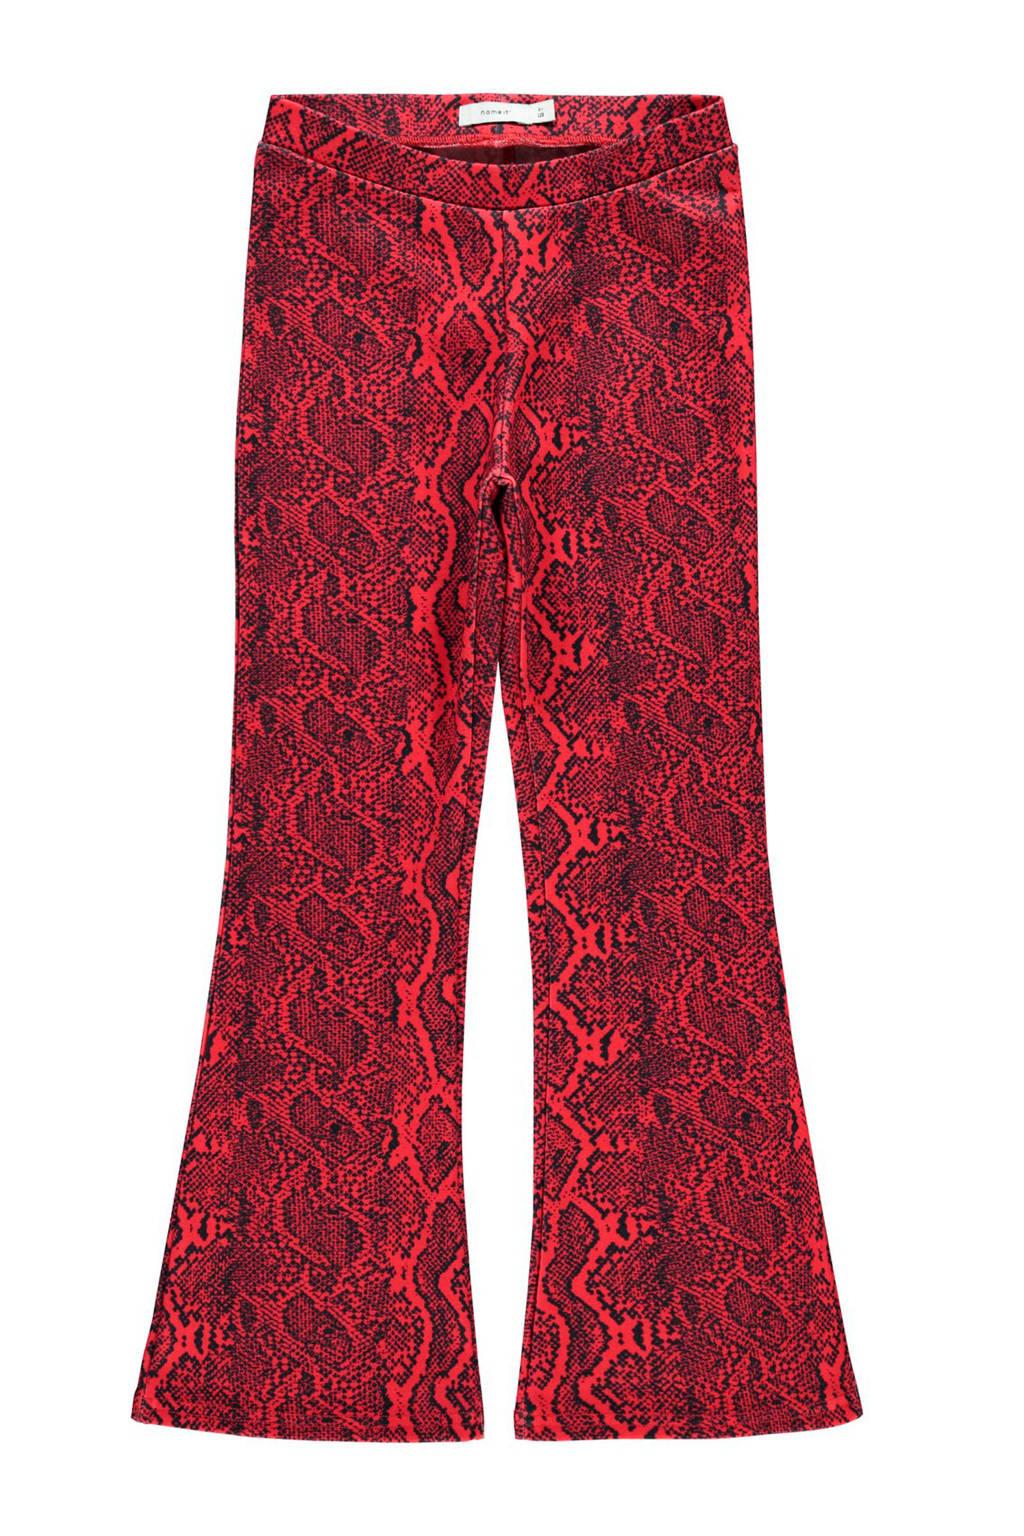 NAME IT KIDS flared broek met slangenprint rood/zwart, Rood/zwart